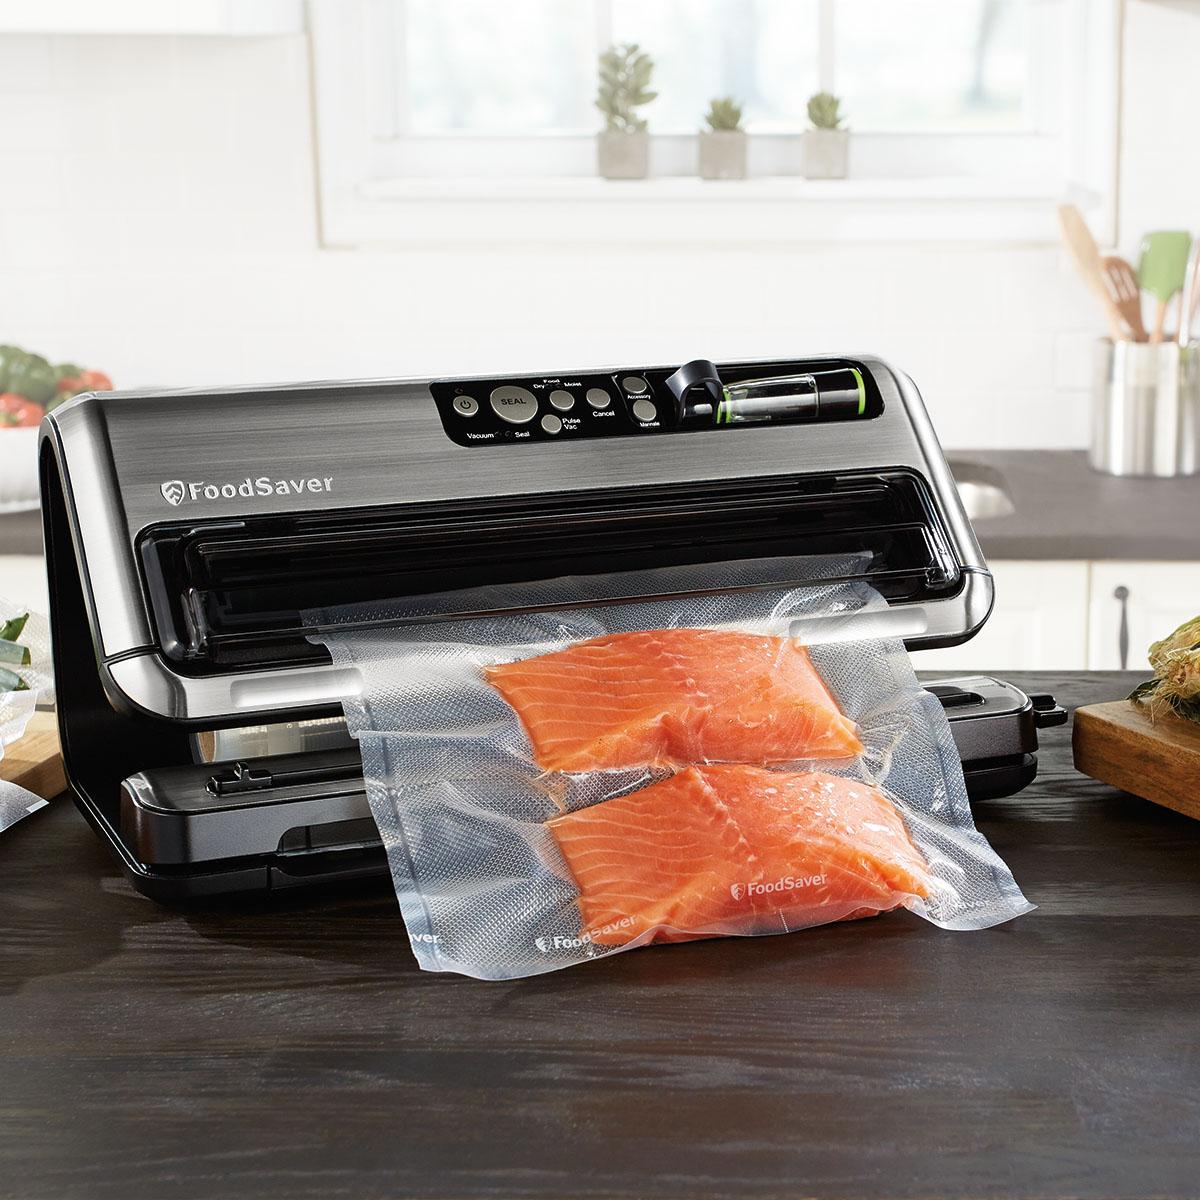 The Foodsaver 174 Fm5400 2 In 1 Food Preservation System